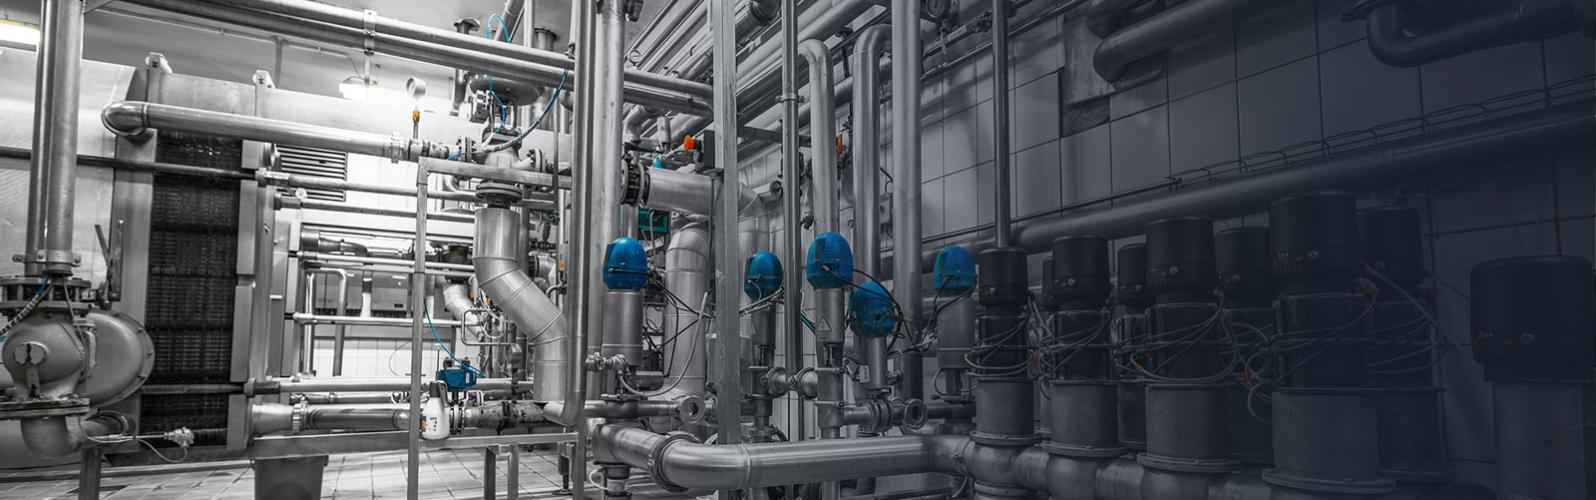 我们的系统能够解放工业生产过程的创造力